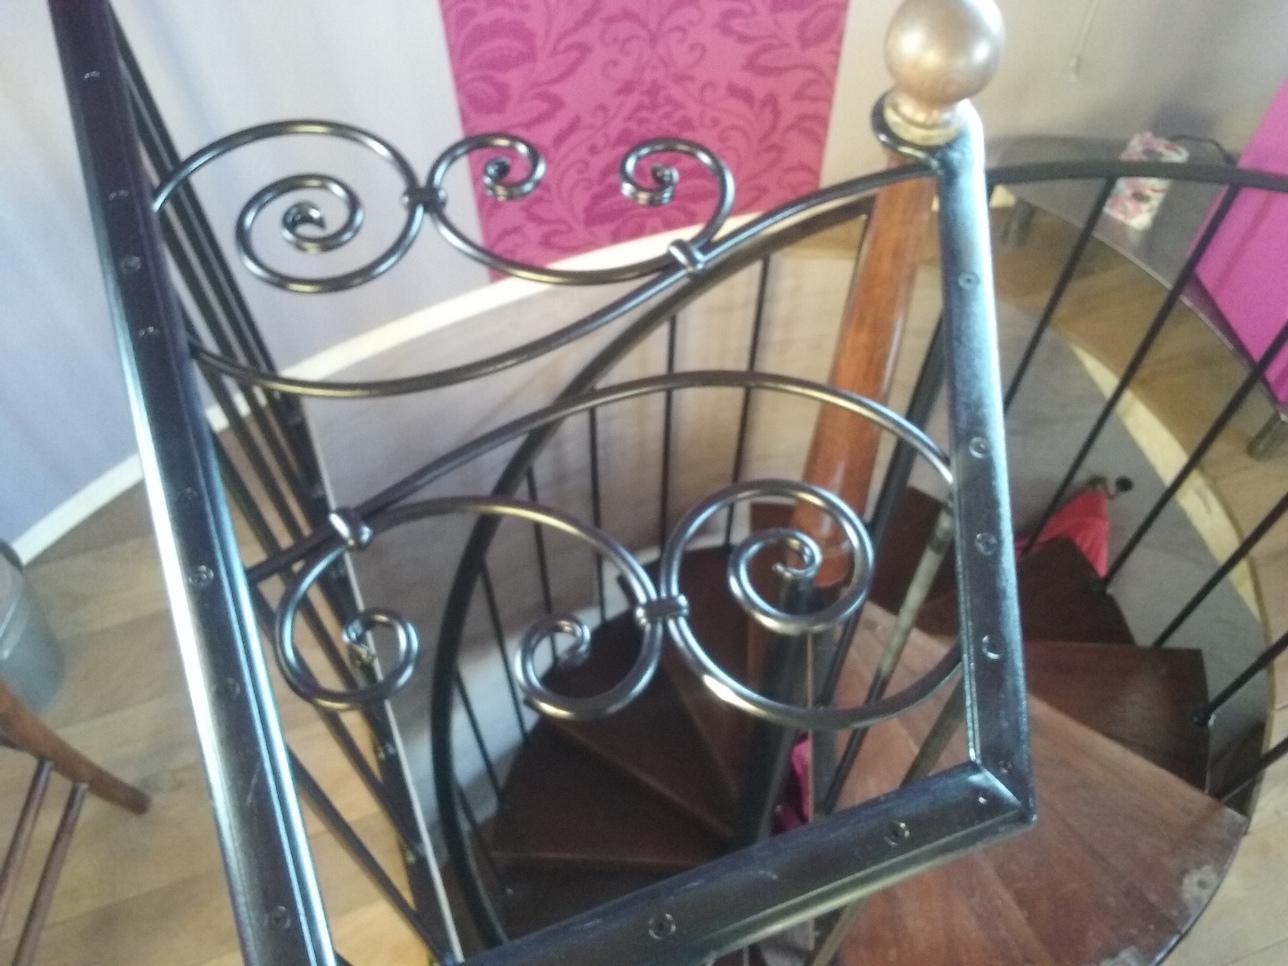 Protection d'escalier réalisé par notre client à partir de notre gamme de pièces détachées - Localisation Isère